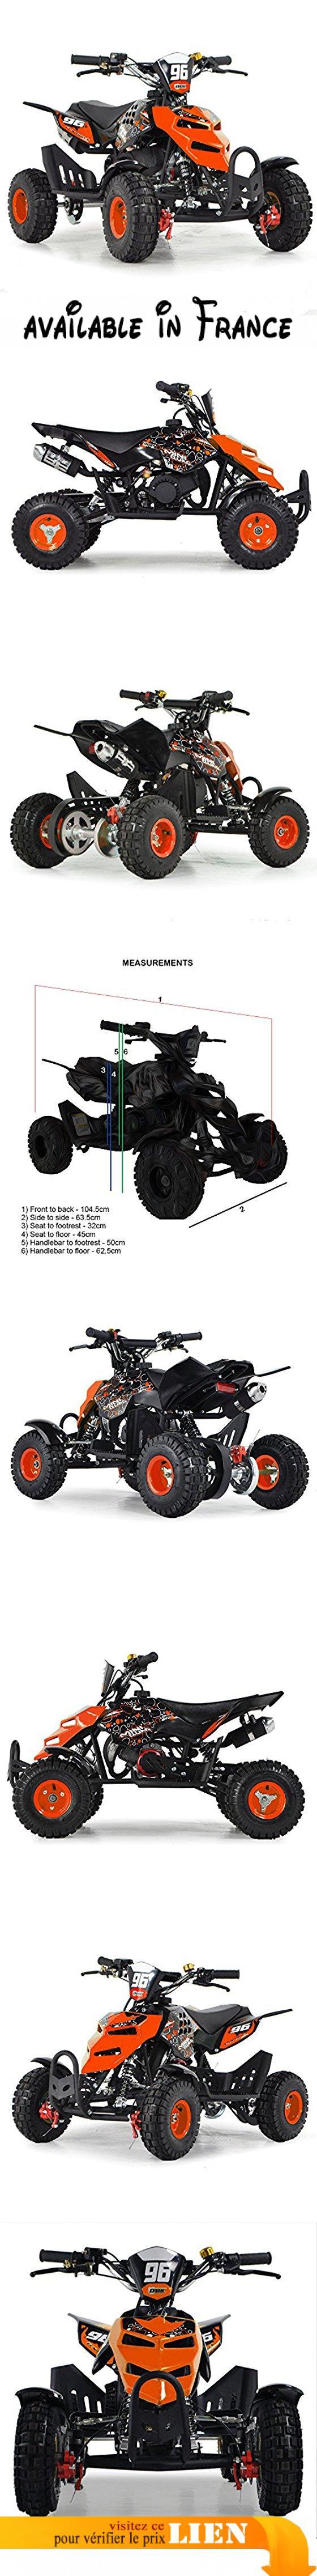 nouveau sommet divers design qualité parfaite FunBikes Mini quad à essence pour enfant 49cc 50cc Orange ...